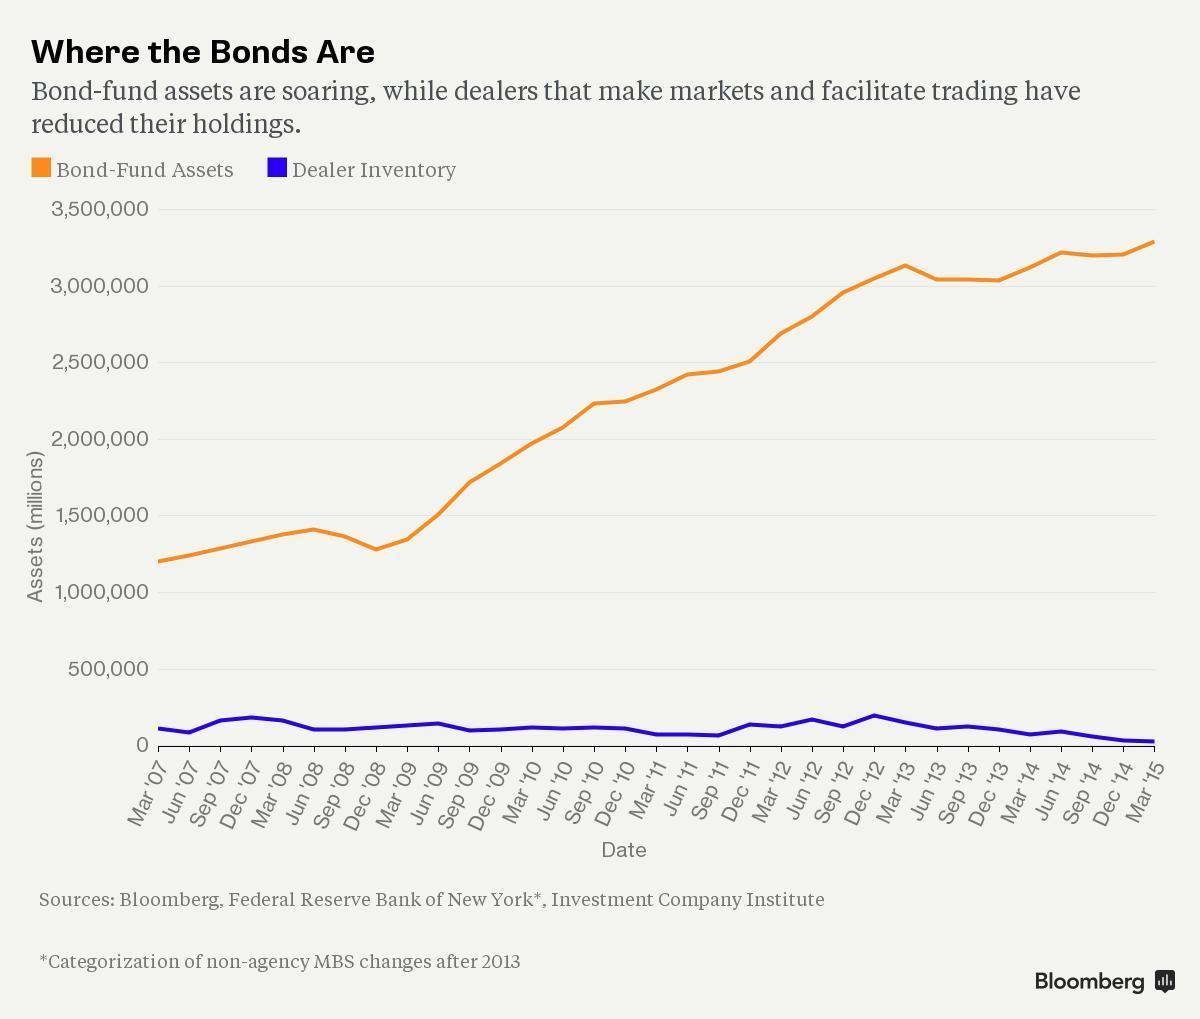 债券持有比例日益失衡 华尔街高管对债市发出